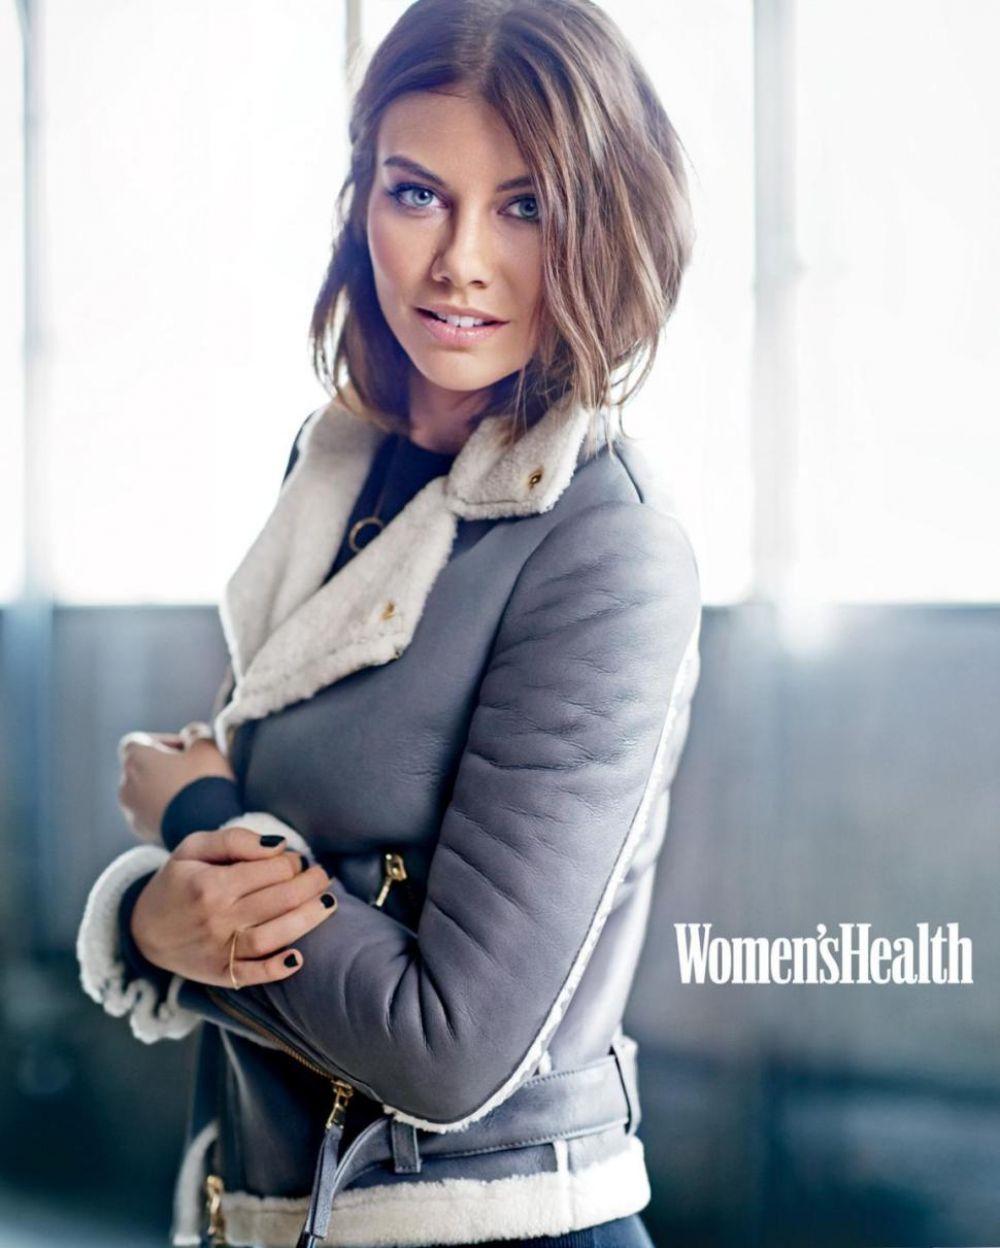 Lauren cohan in women's health magazine december 2014 issue